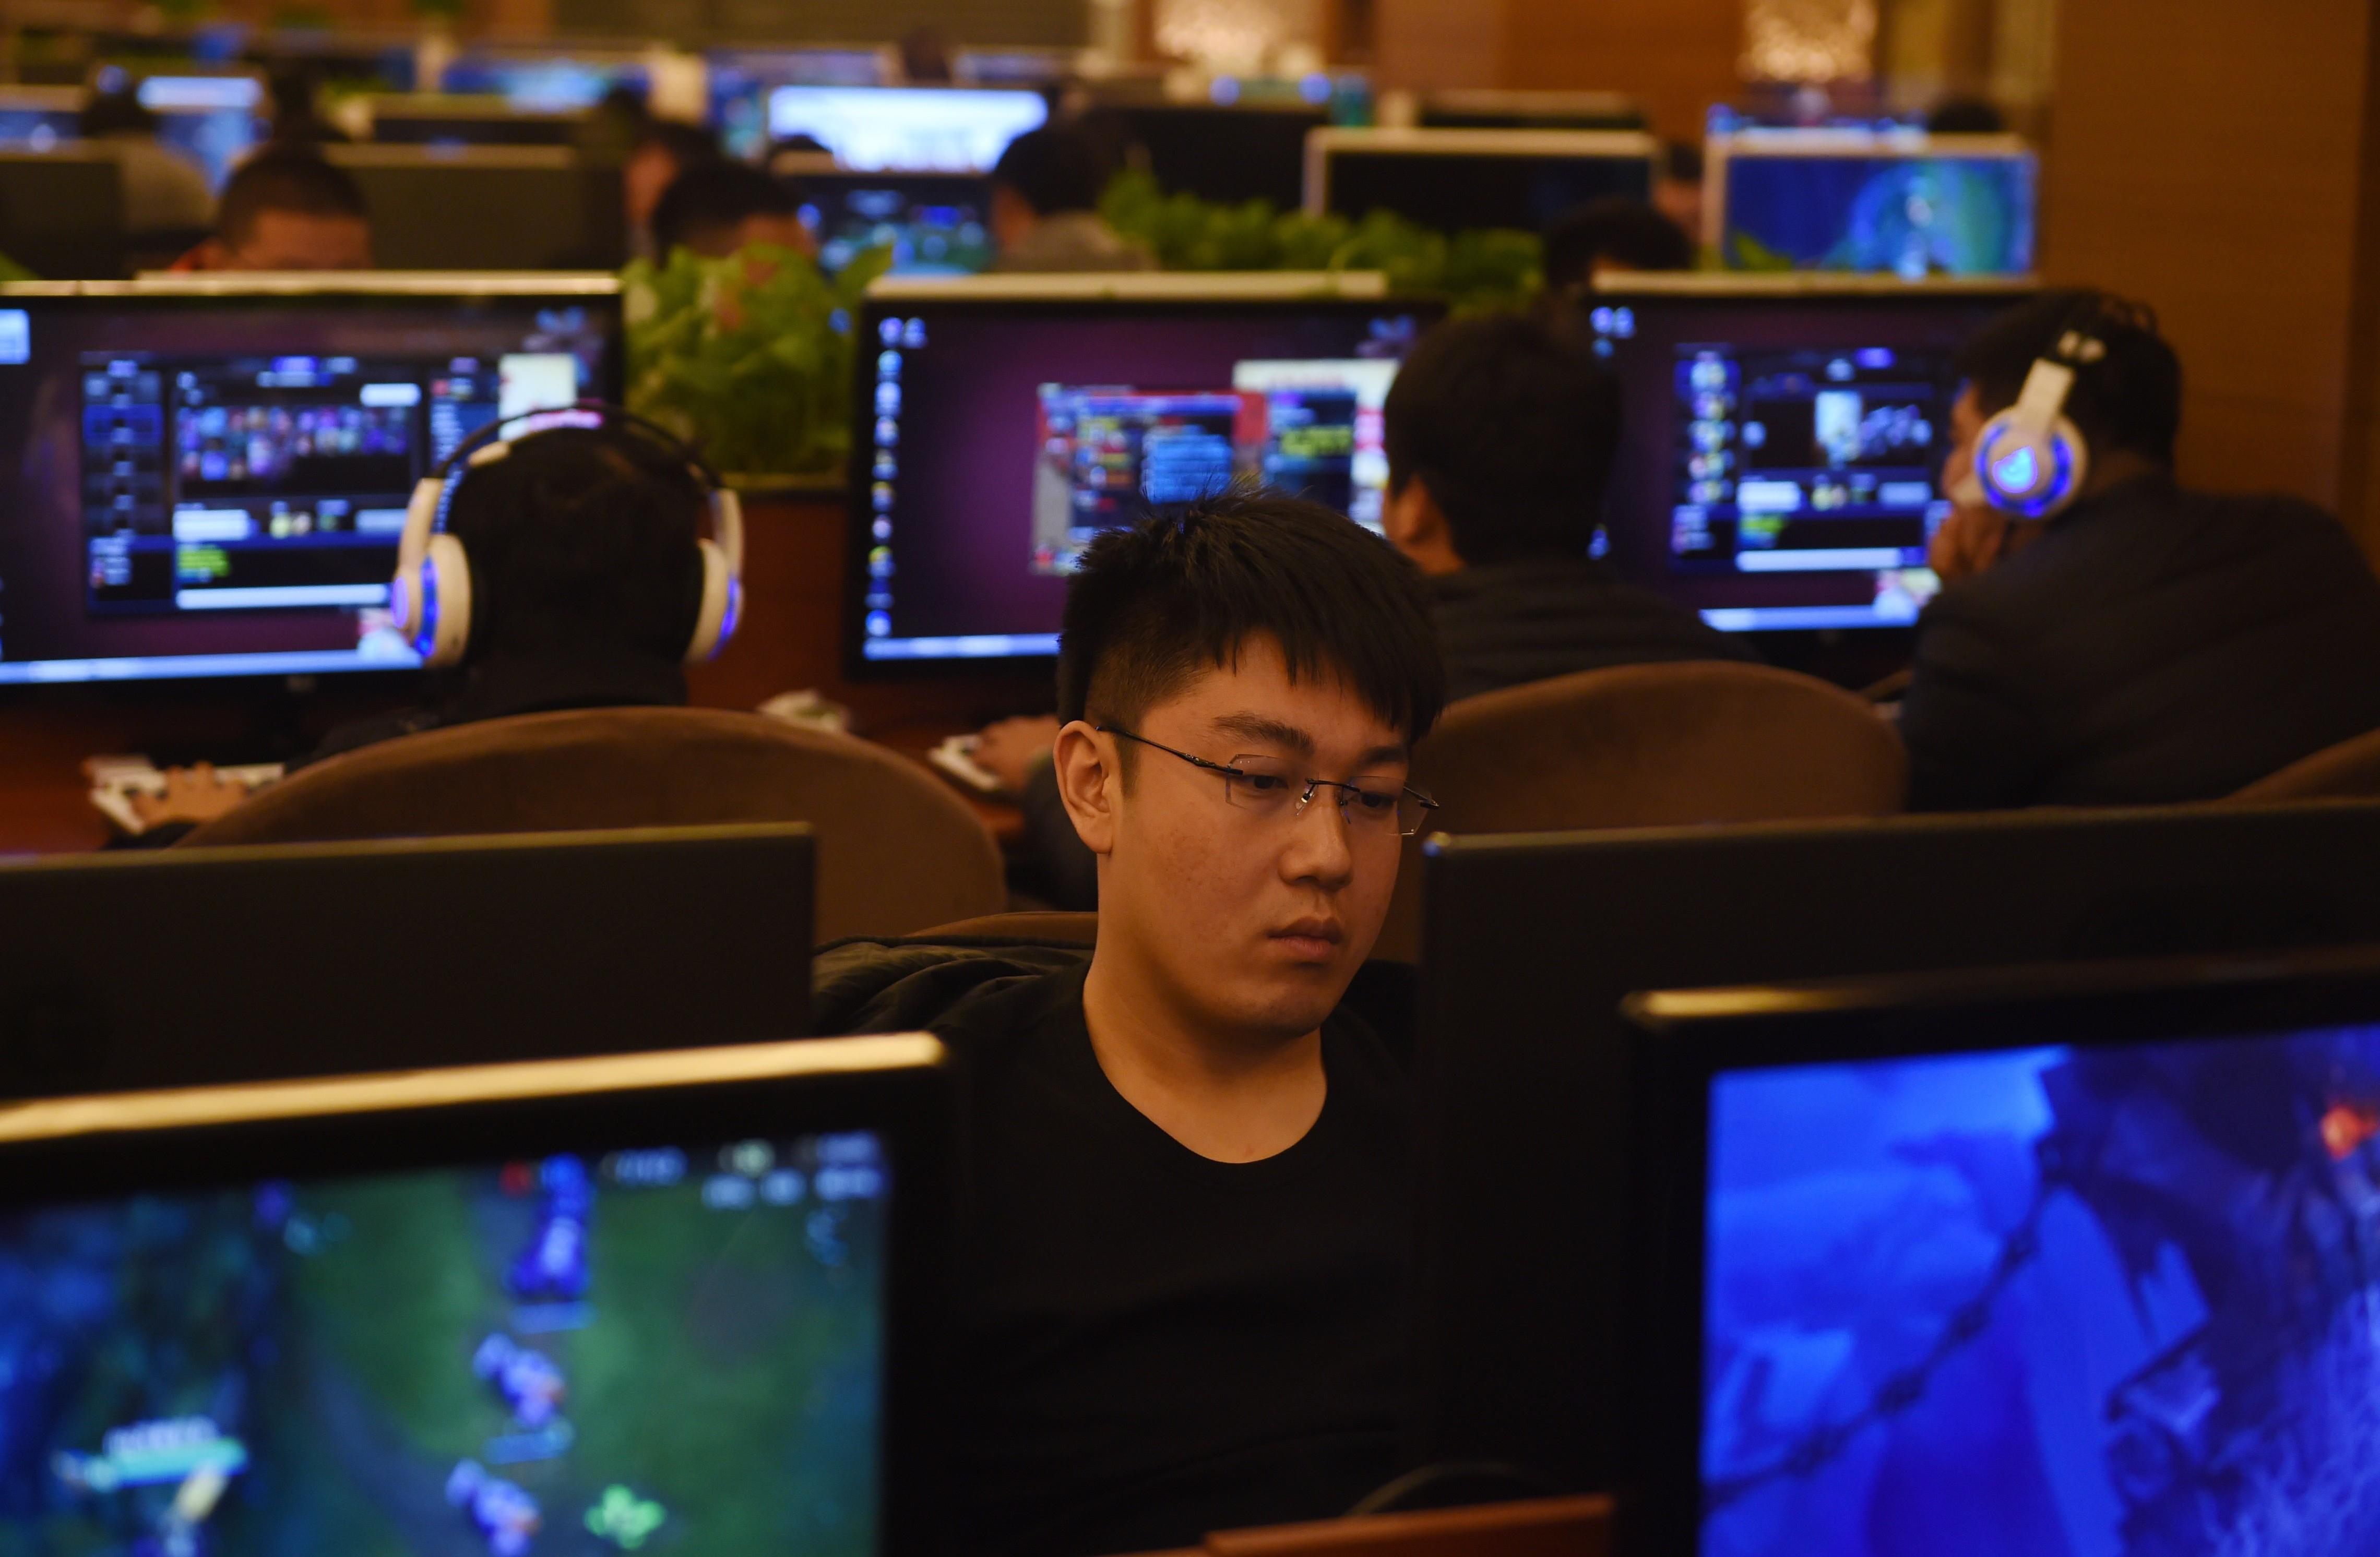 China busca bloquear el acceso a internet en nombre de la seguridad nacional. (Crédito: GREG BAKER/AFP/Getty Images)